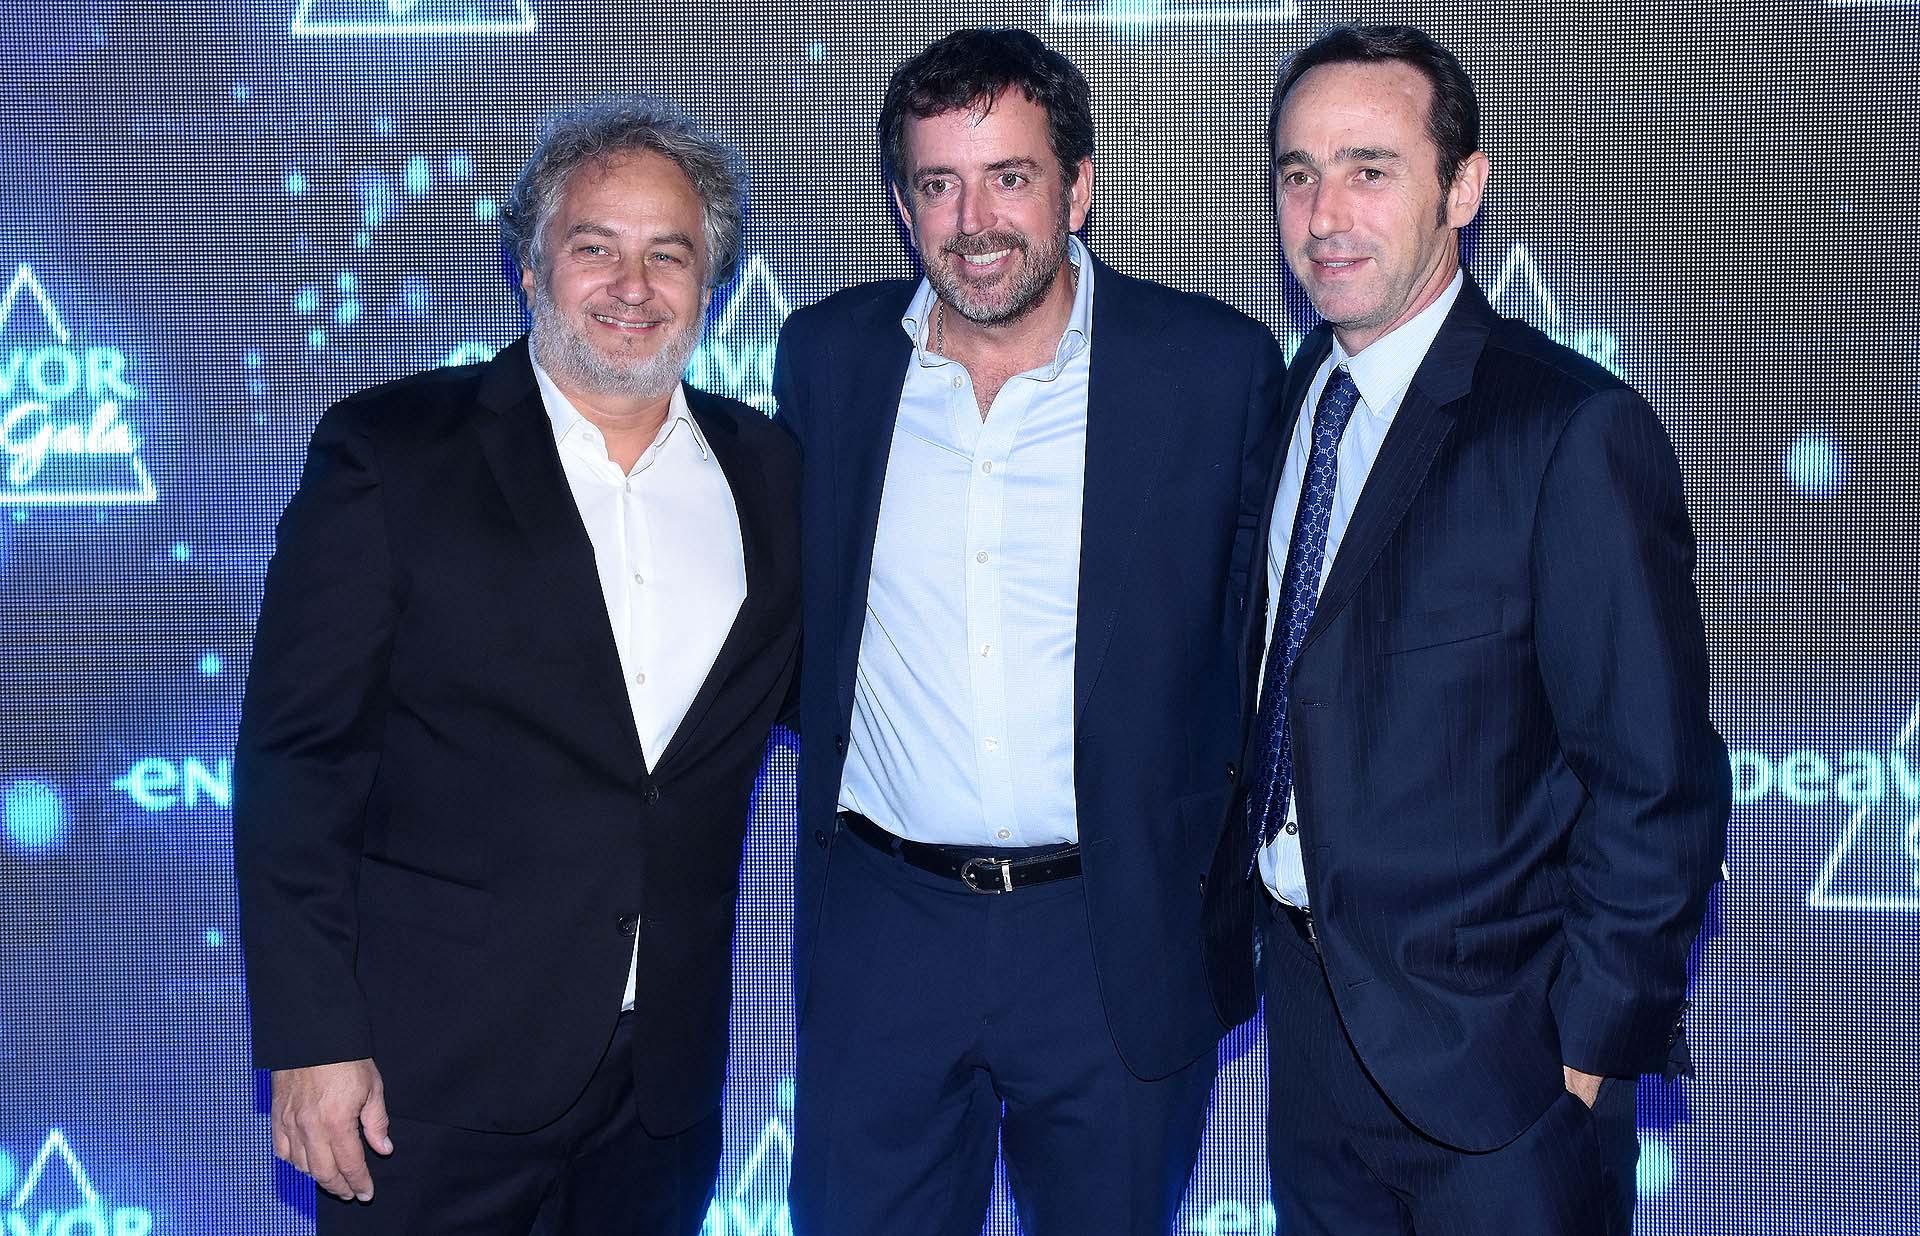 Guibert Englebienne, Mariano Bosch y Marcos Galperín, cofundador y CEO de Mercado Libre